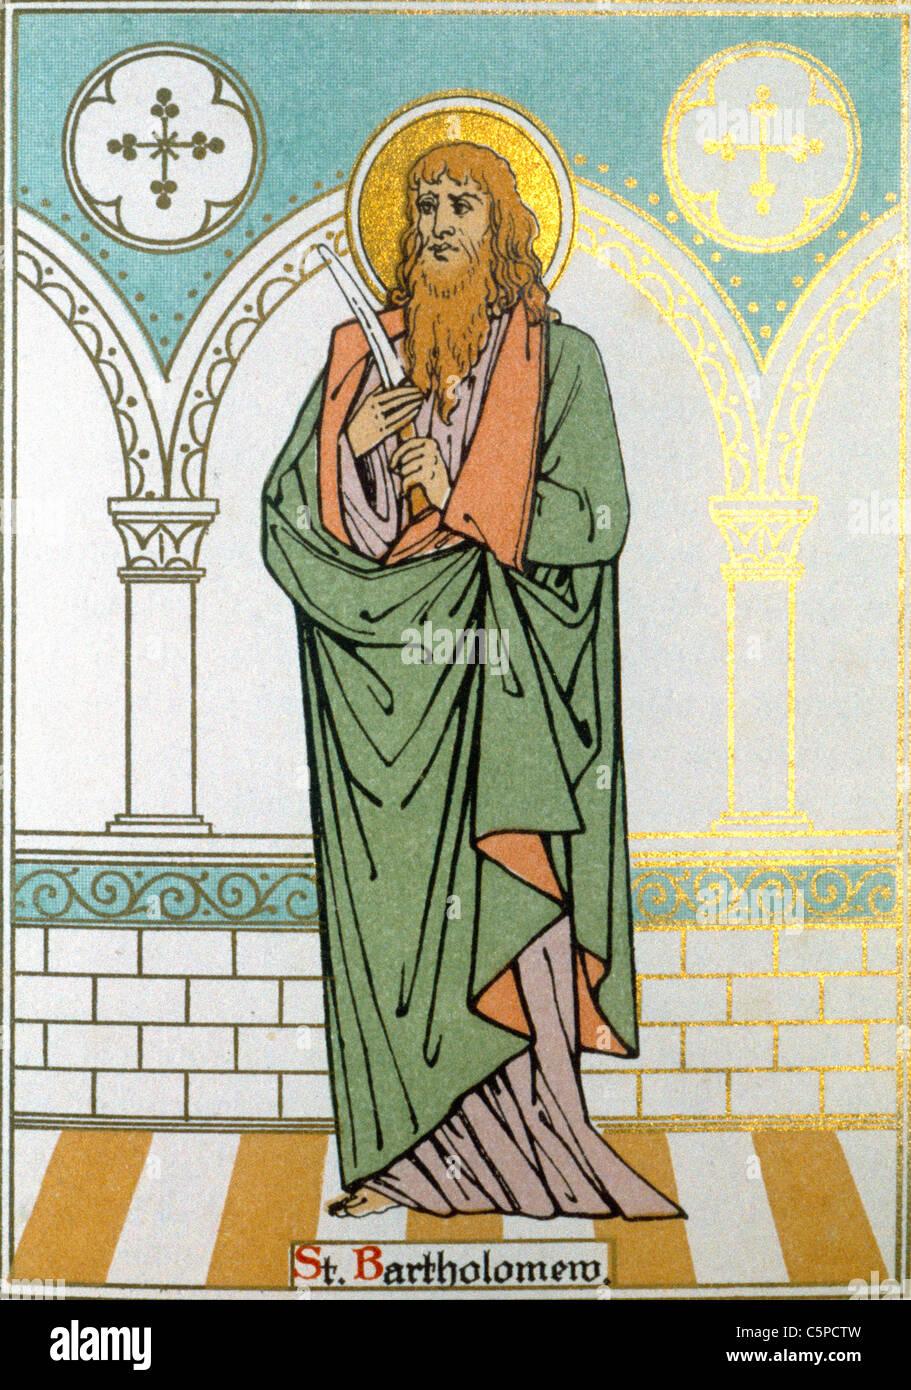 Saint Bartholomew - Stock Image